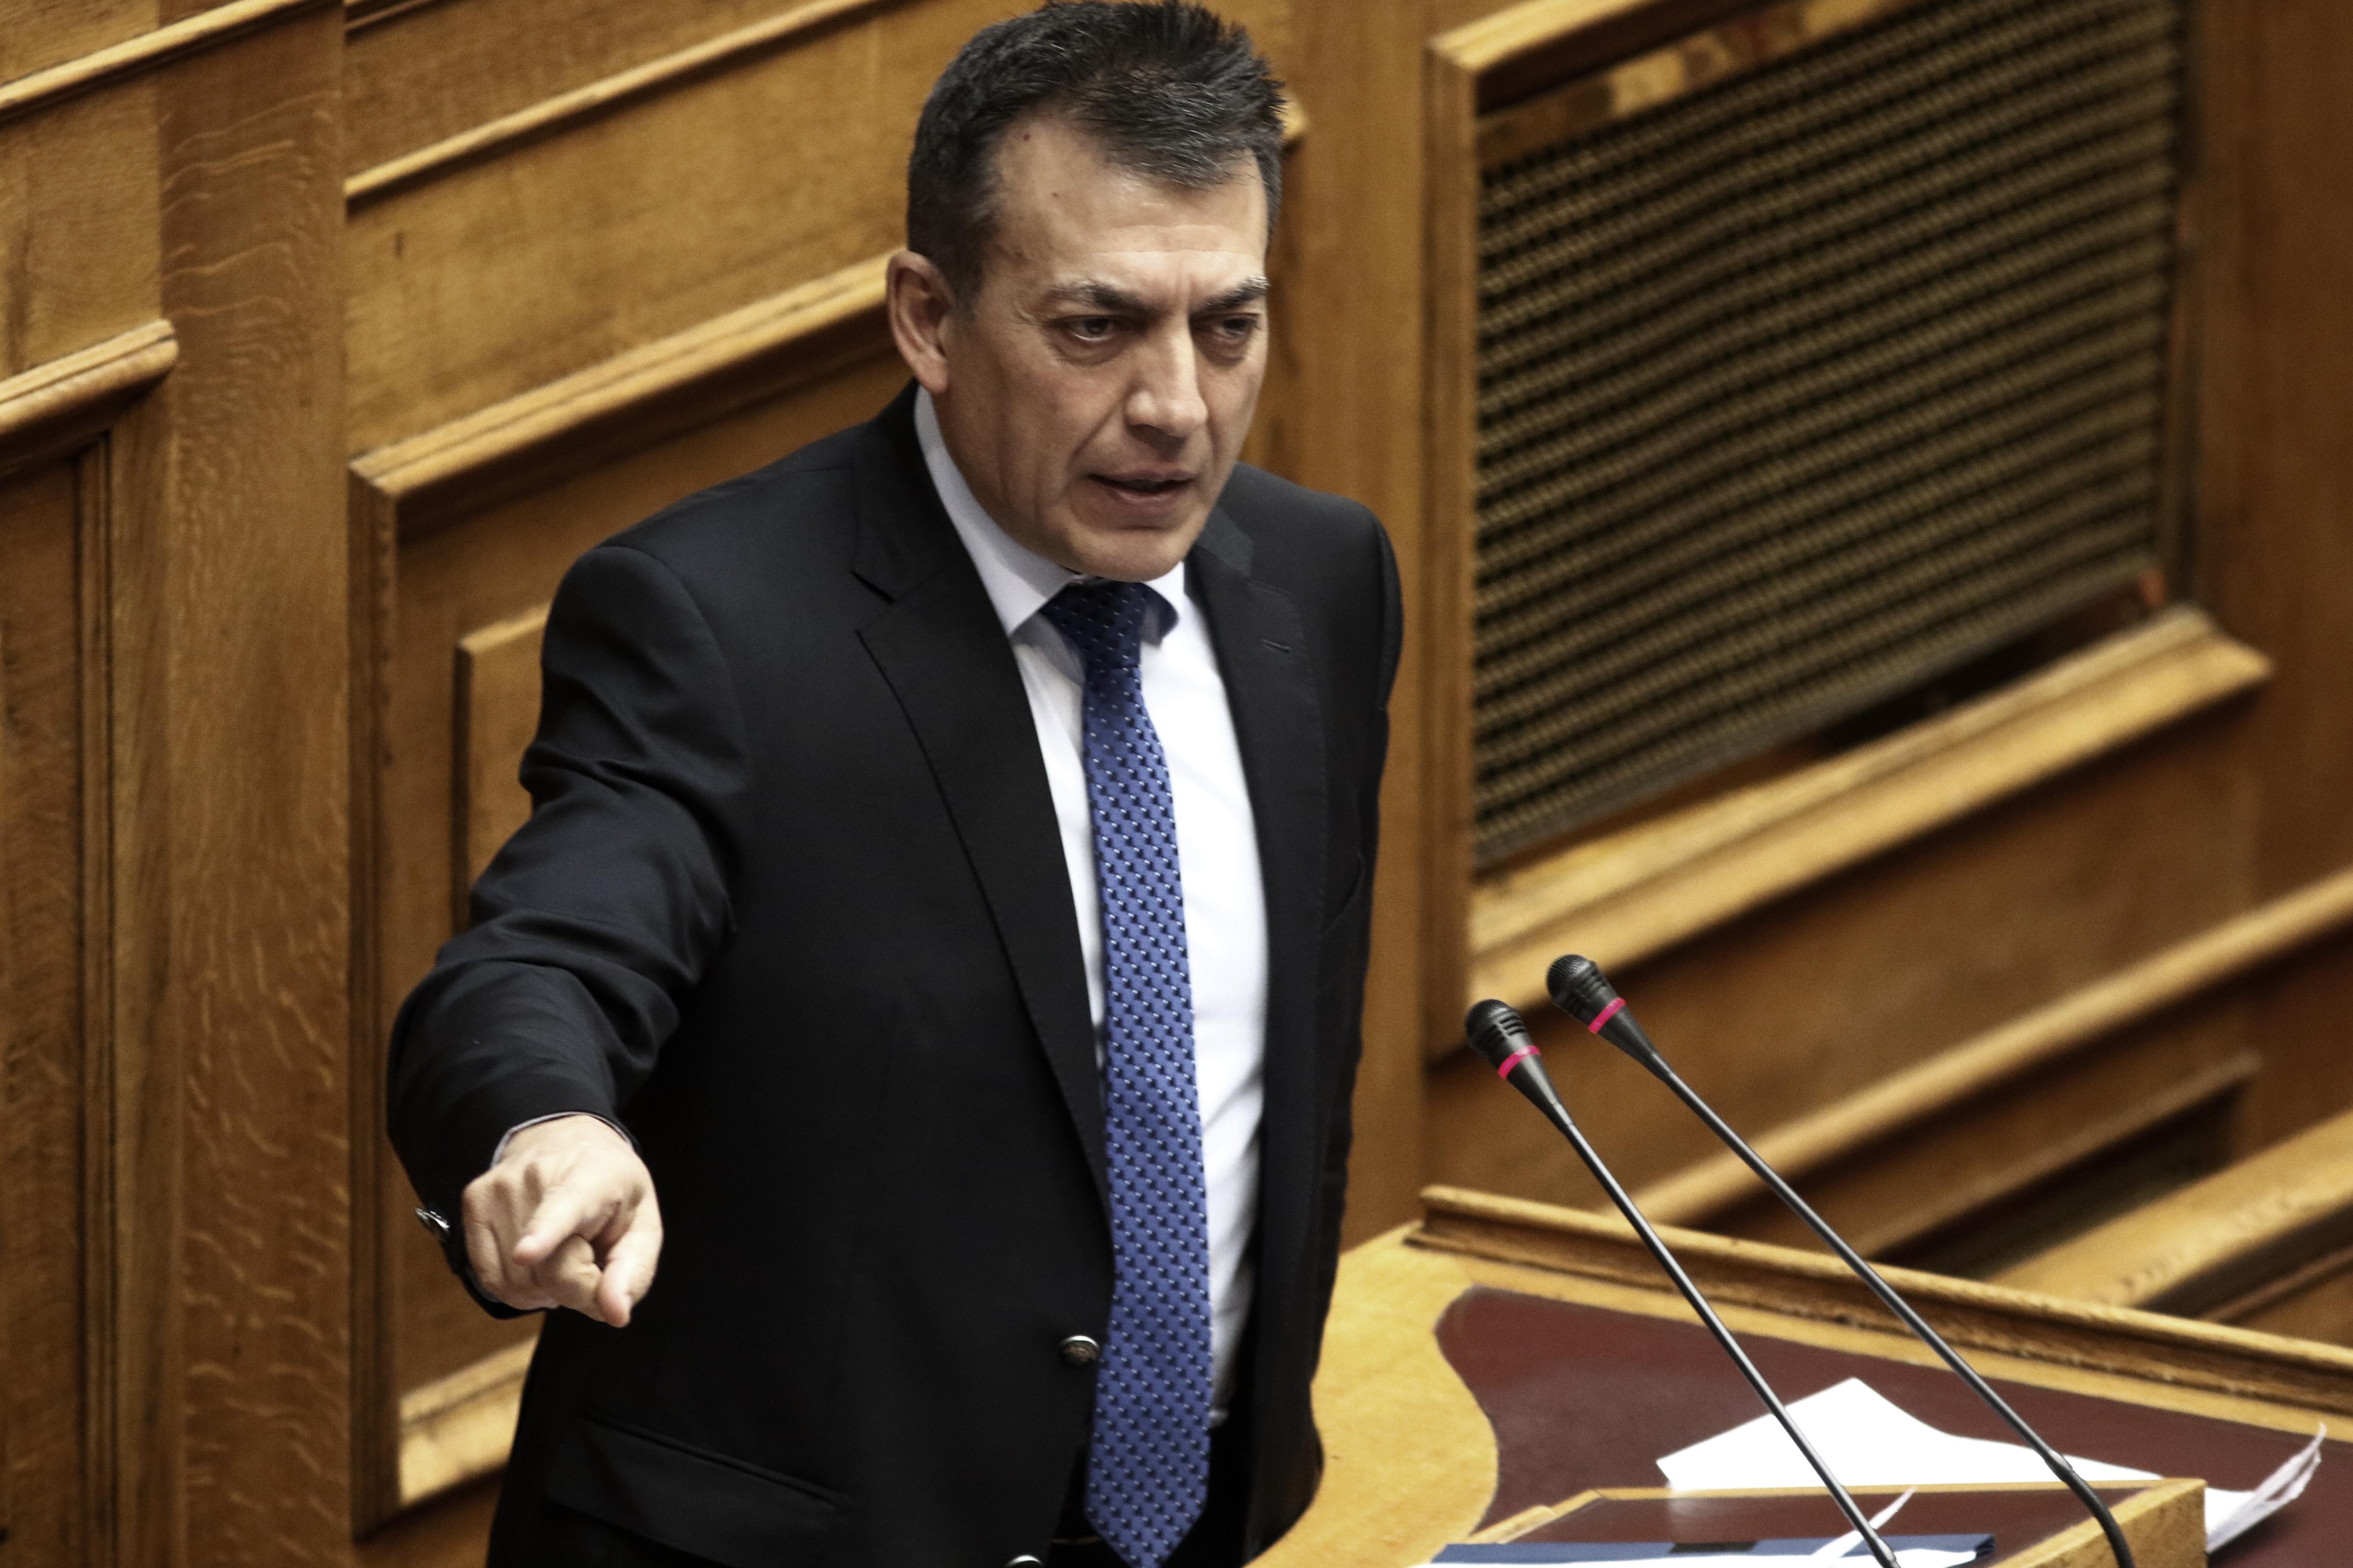 Κόντρα κυβέρνησης – ΝΔ για τις εκκρεμείς αιτήσεις συνταξιοδότησης | tovima.gr